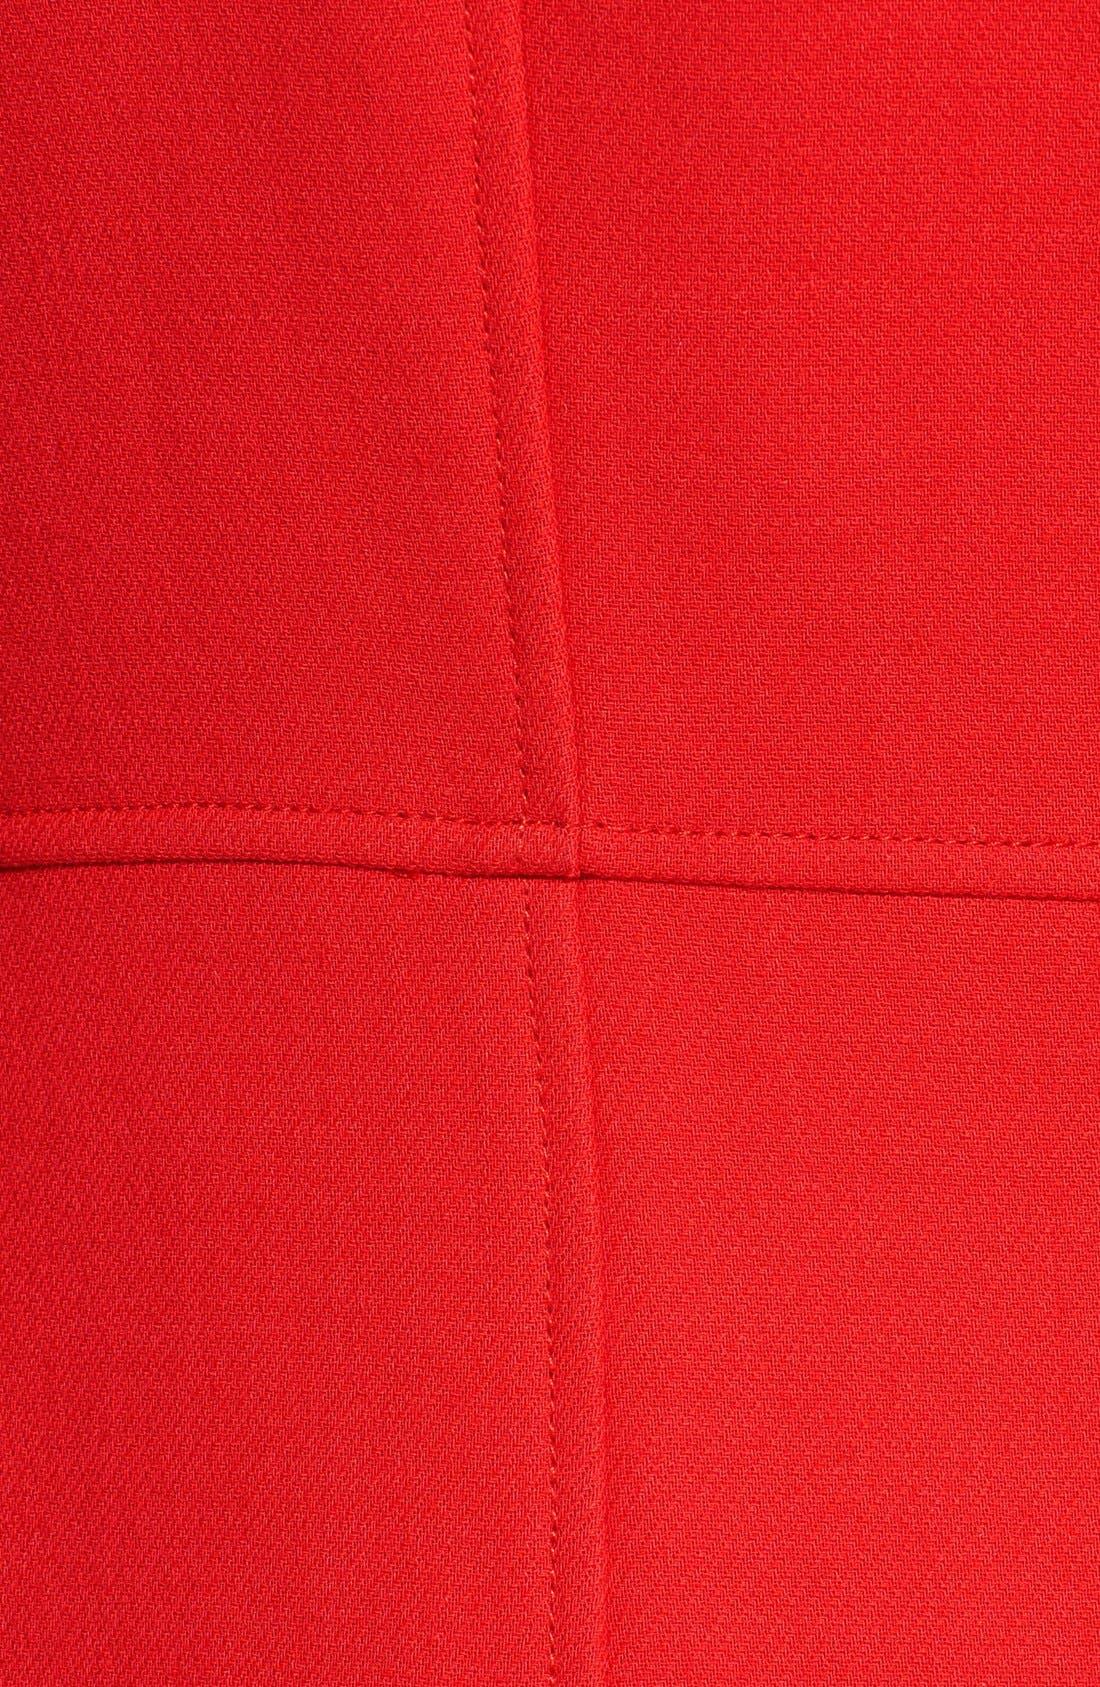 Alternate Image 3  - Diane von Furstenberg 'Mirabella' Wool Blend Coat